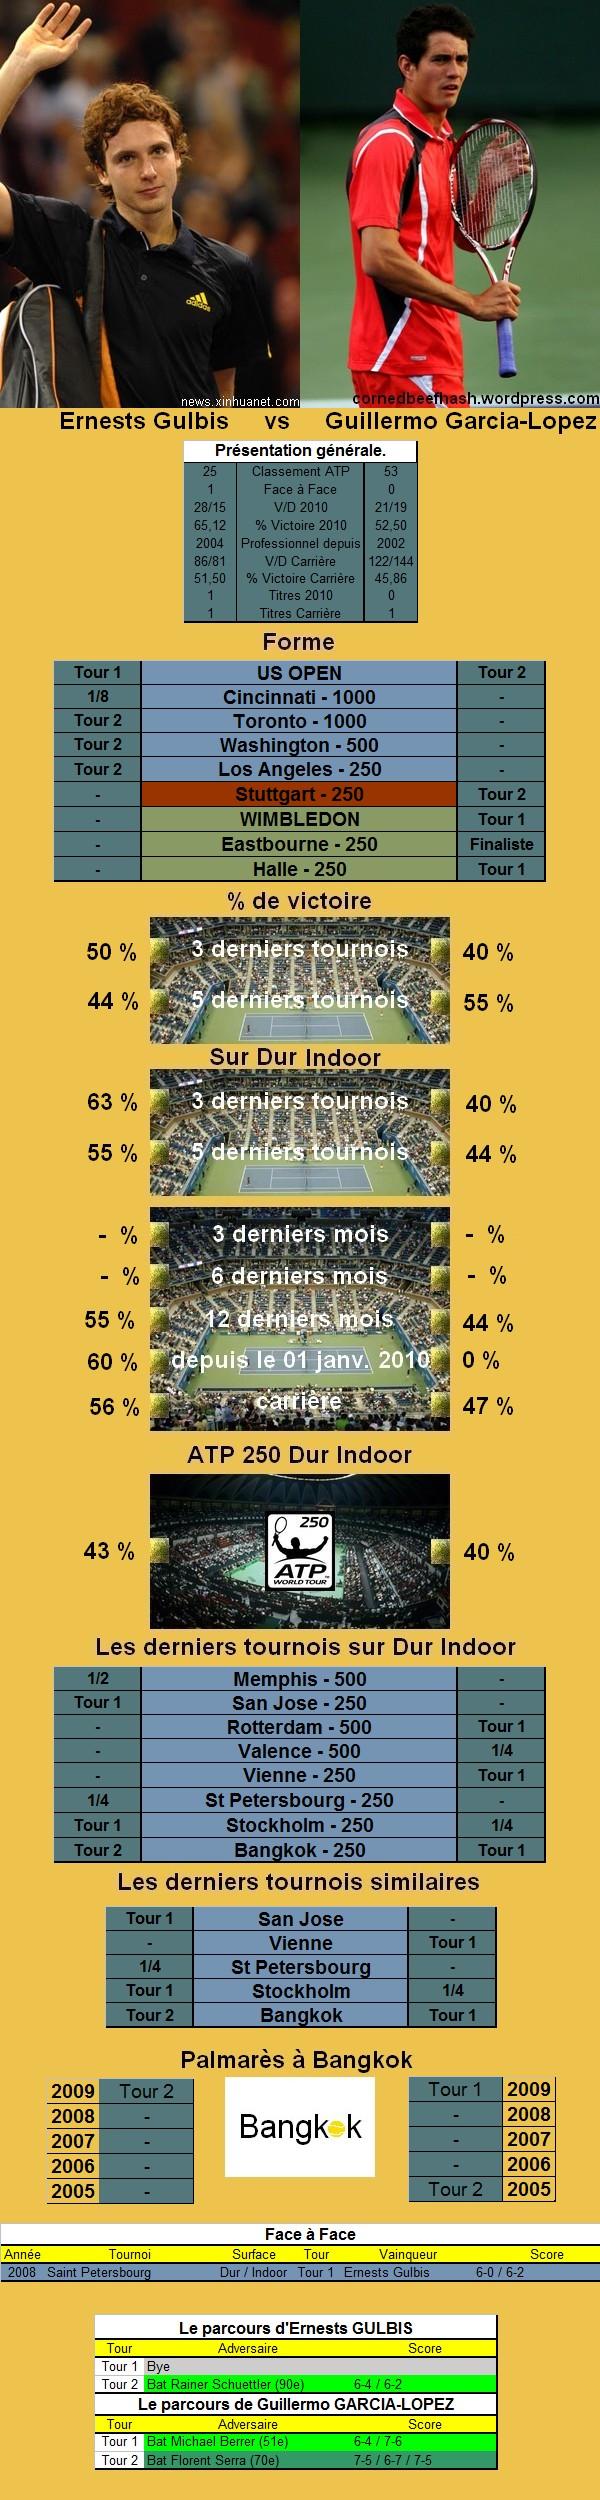 Les statistiques tennis de Ernests Gulbis et de Guillermo Garcia Lopez avant leur confrontation en quart de finale du tournoi de tennis de Bangkok.